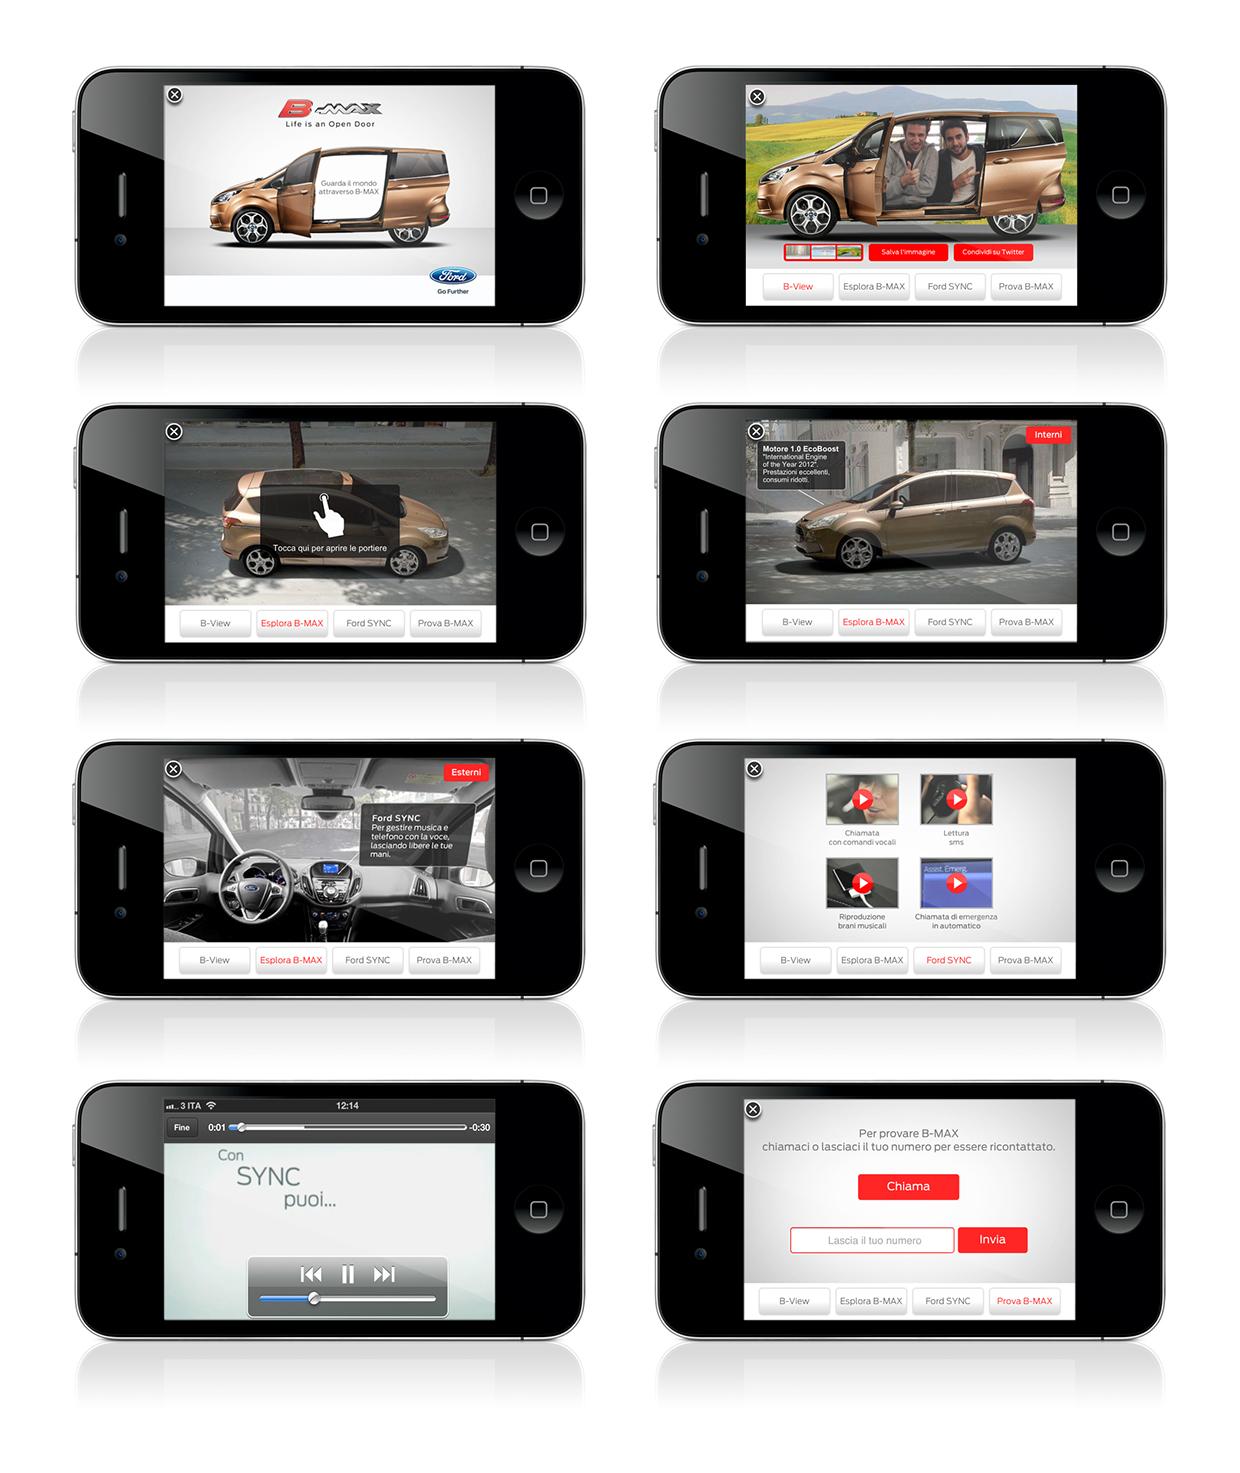 Ford B-Max iAd Screenshots